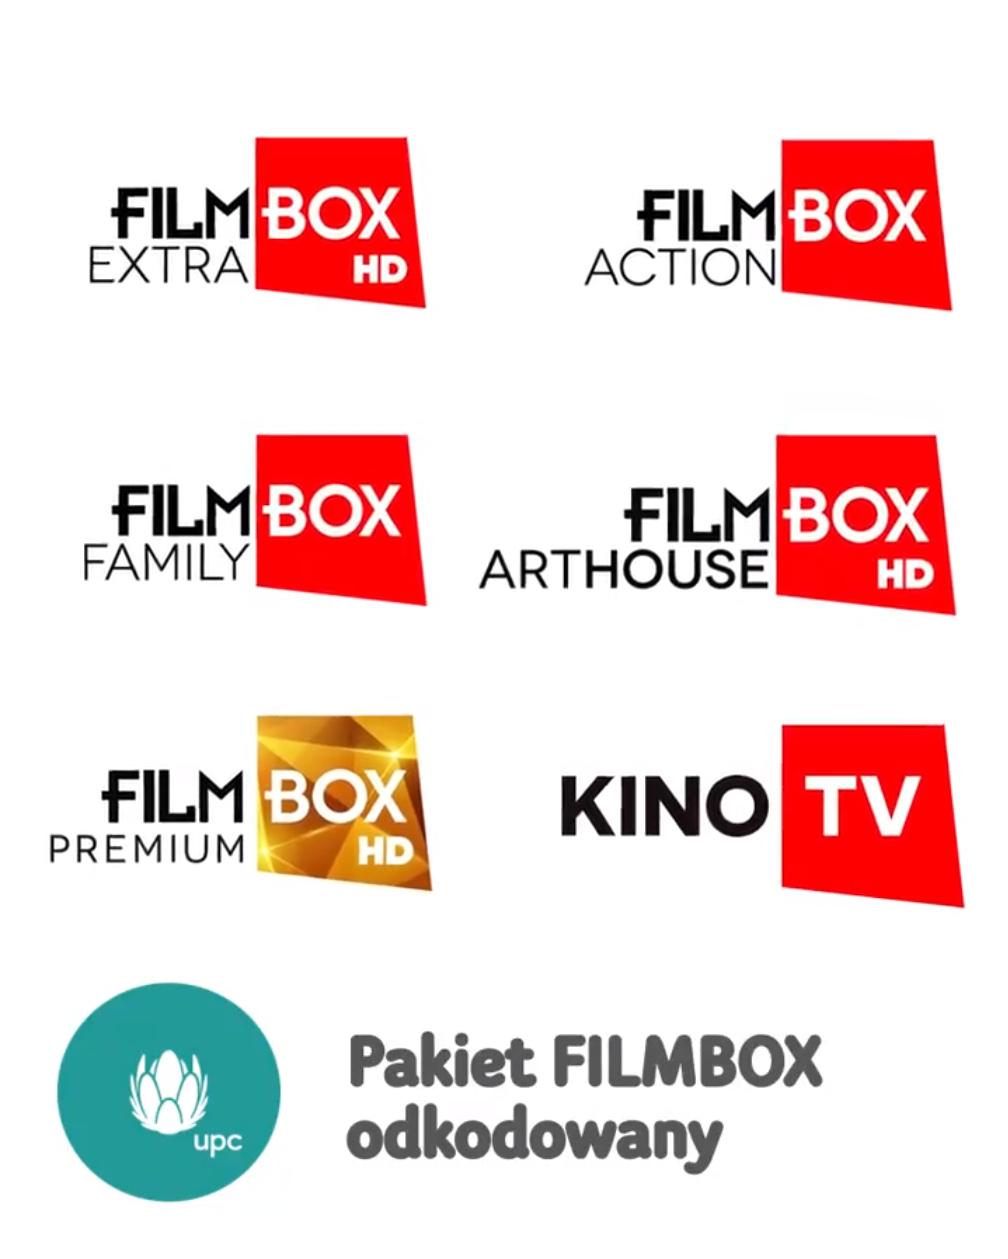 UPC - odkodowany pakiet kanałów FilmBox